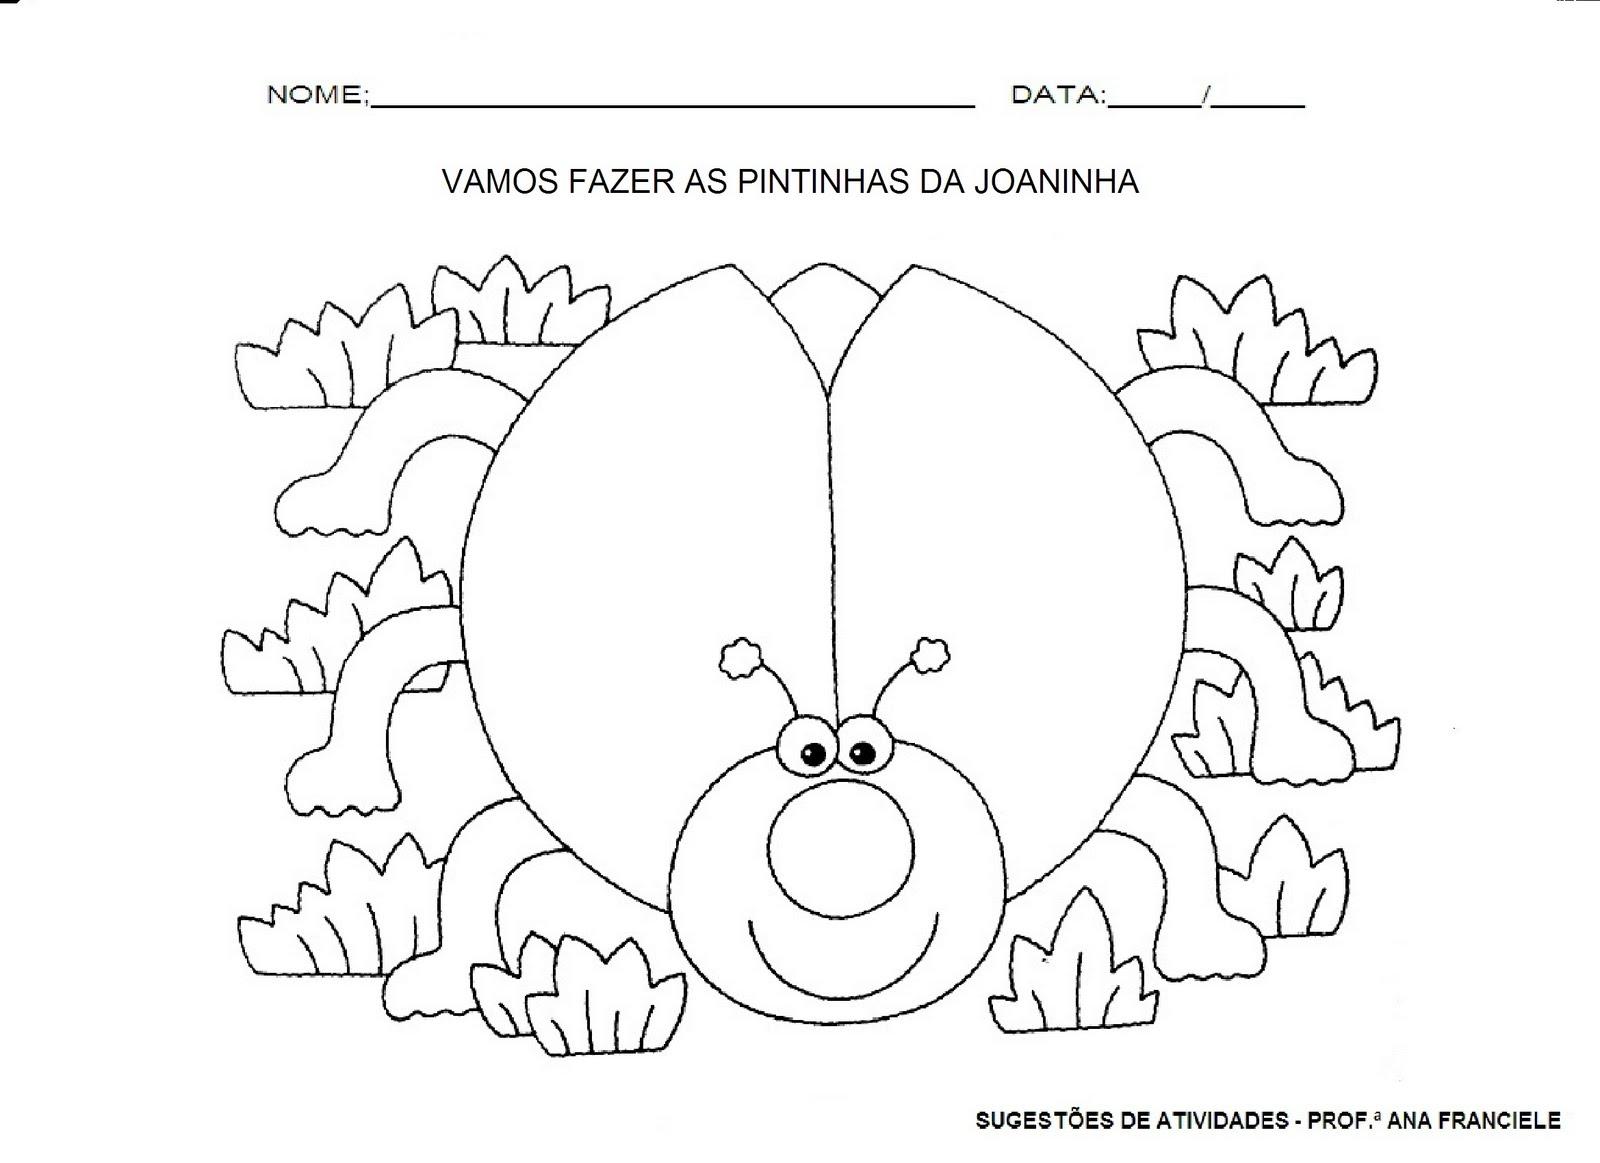 Well-known Sugestões de Atividades .. Prof.ª Ana Franciele: Atividades  CG69